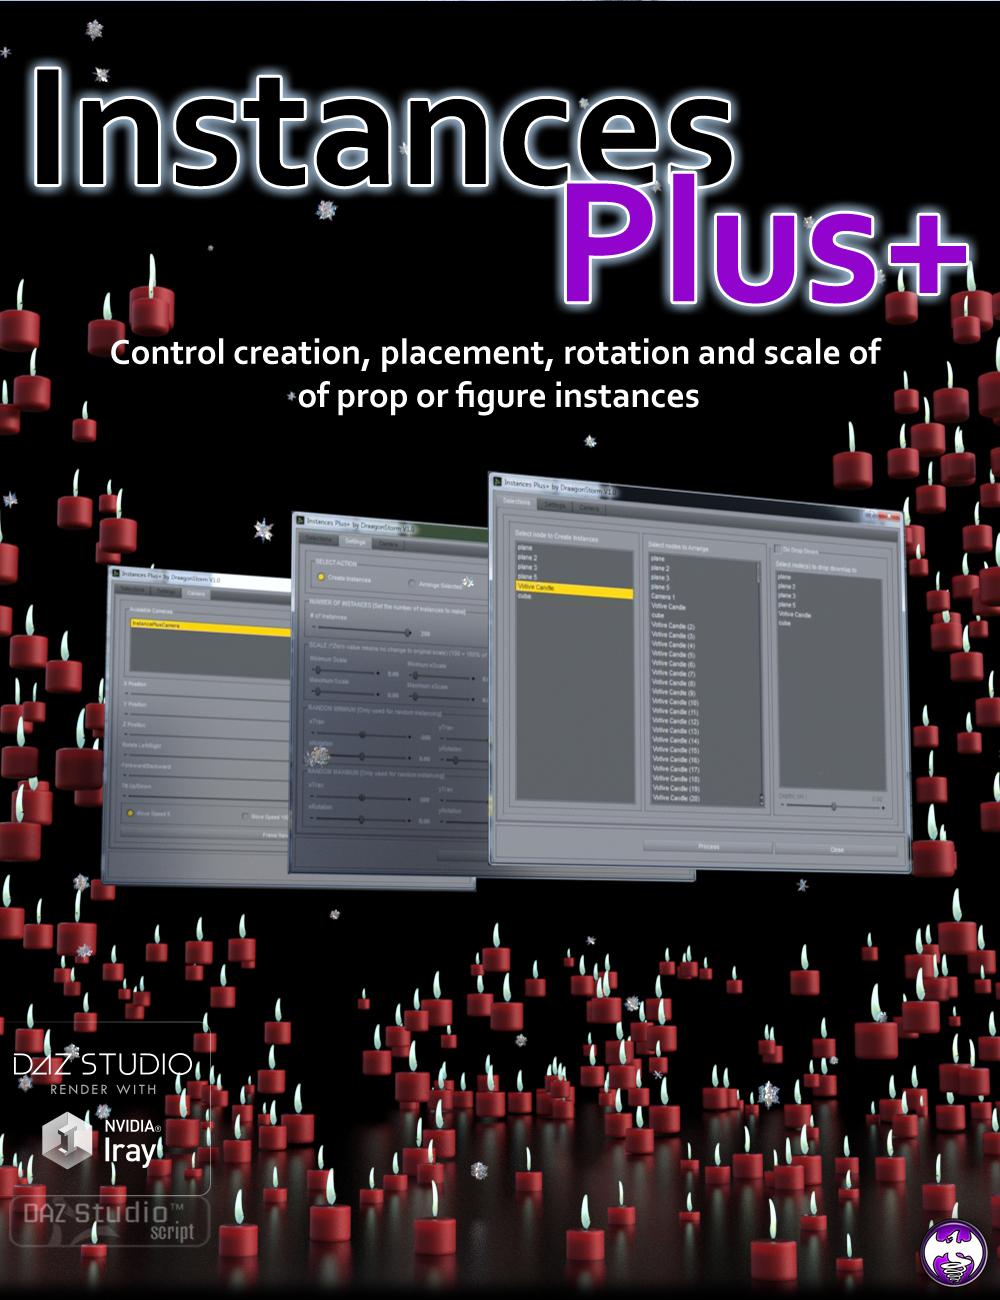 Instances Plus+ for Daz Studio by: DraagonStorm, 3D Models by Daz 3D